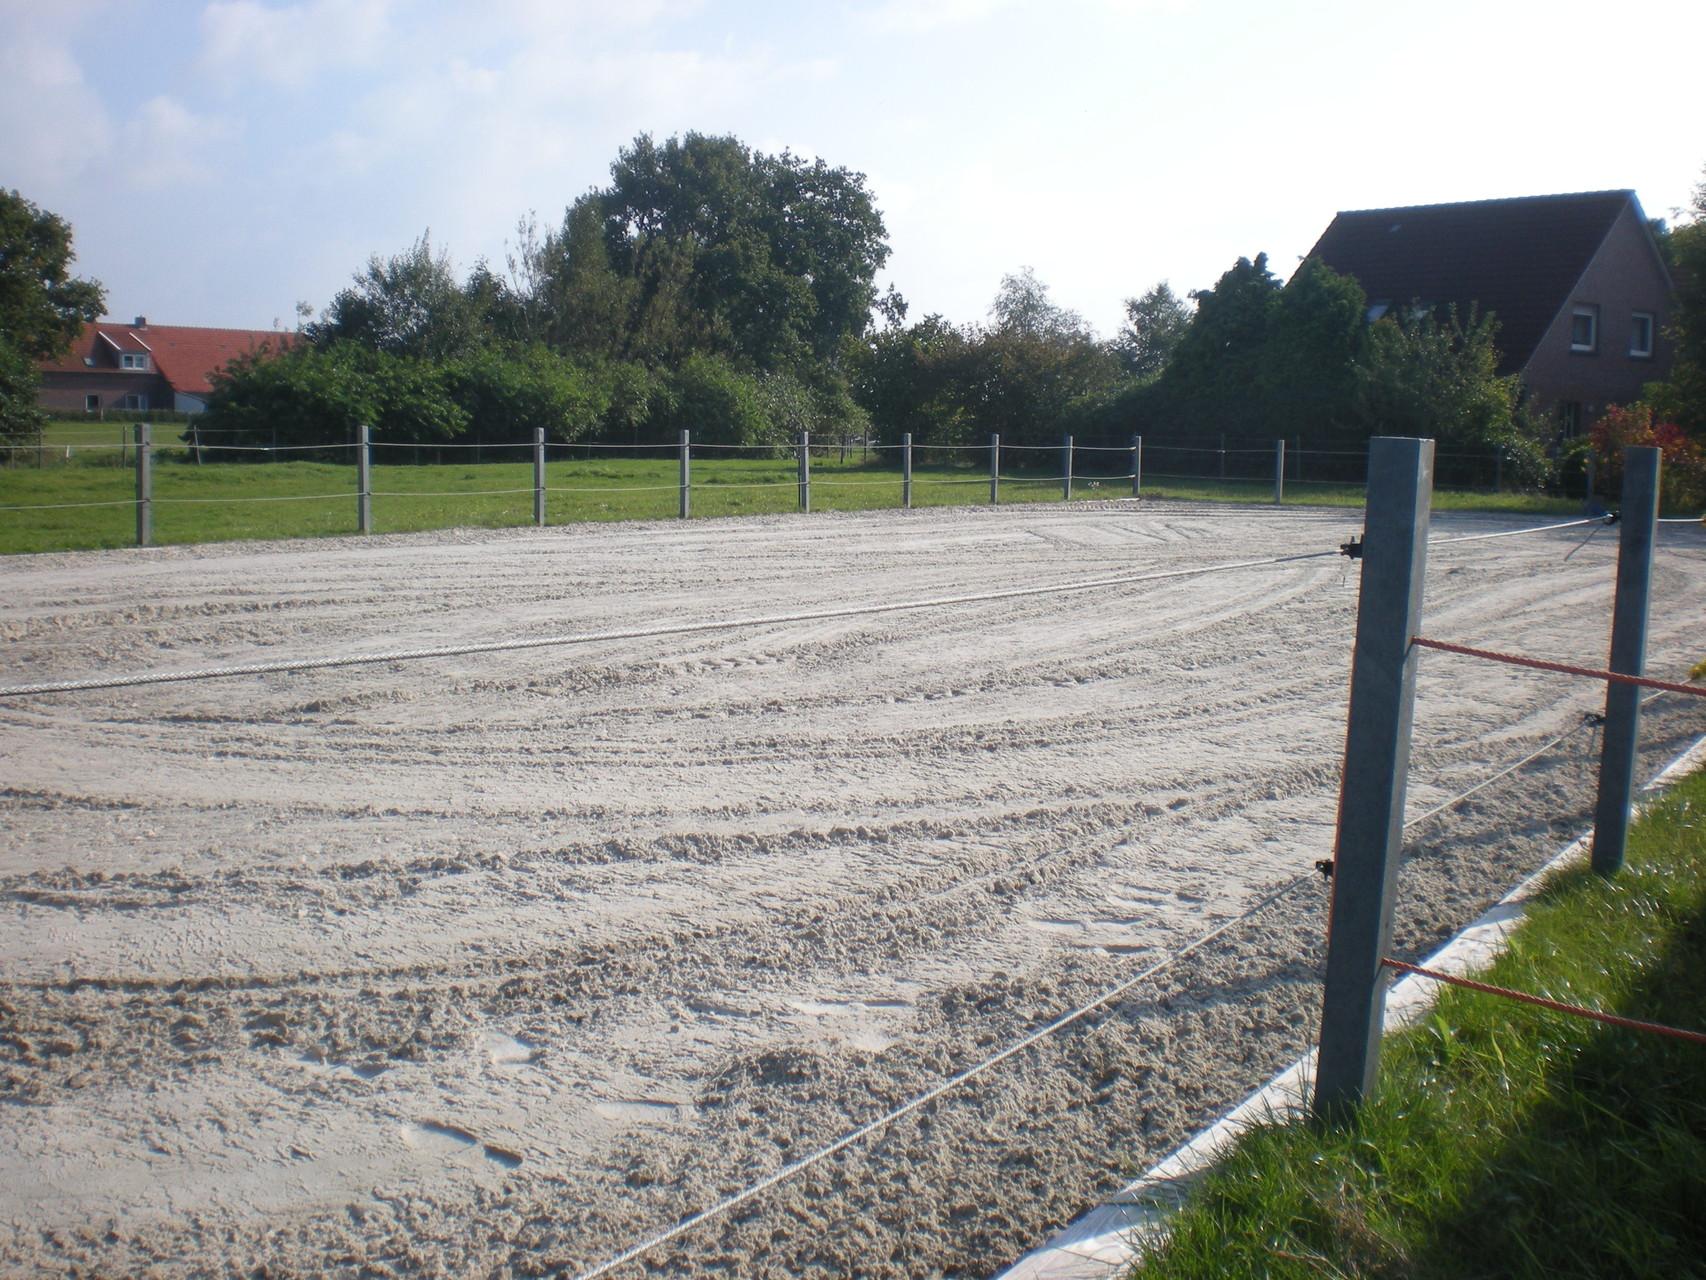 Extrem Unsere Pferdehaltung - Ferienwohnung und Pferdepension zwischen LI66